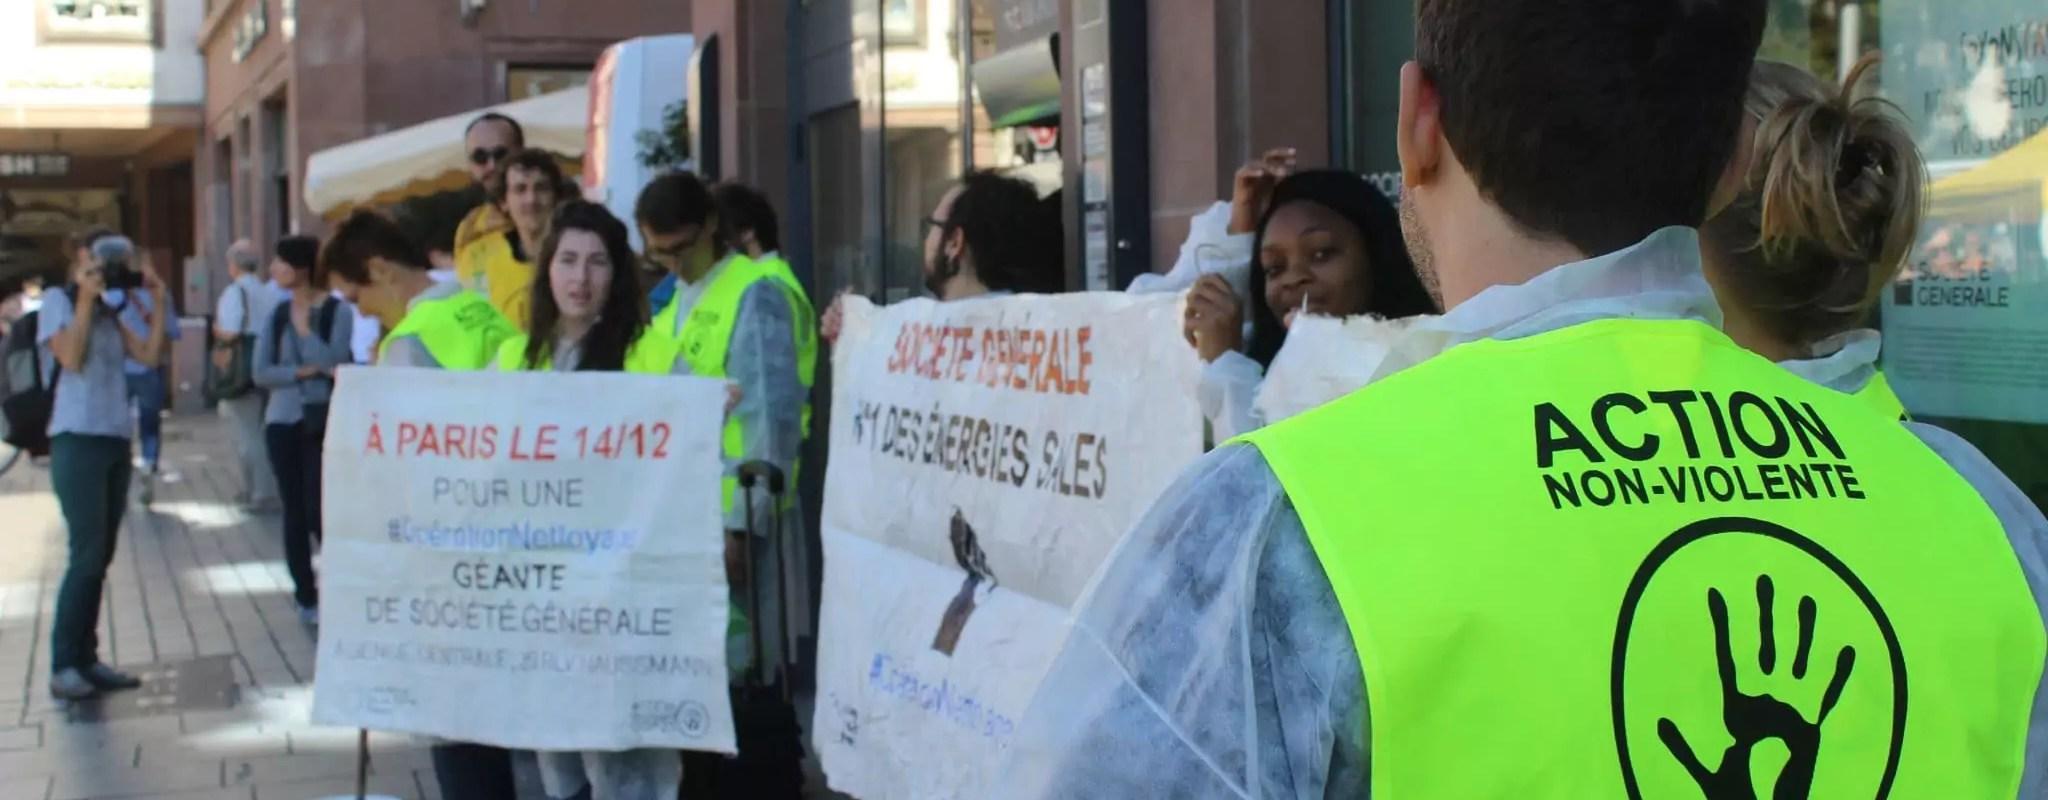 La Société générale visée par une action de militants écologistes contre le gaz de schiste